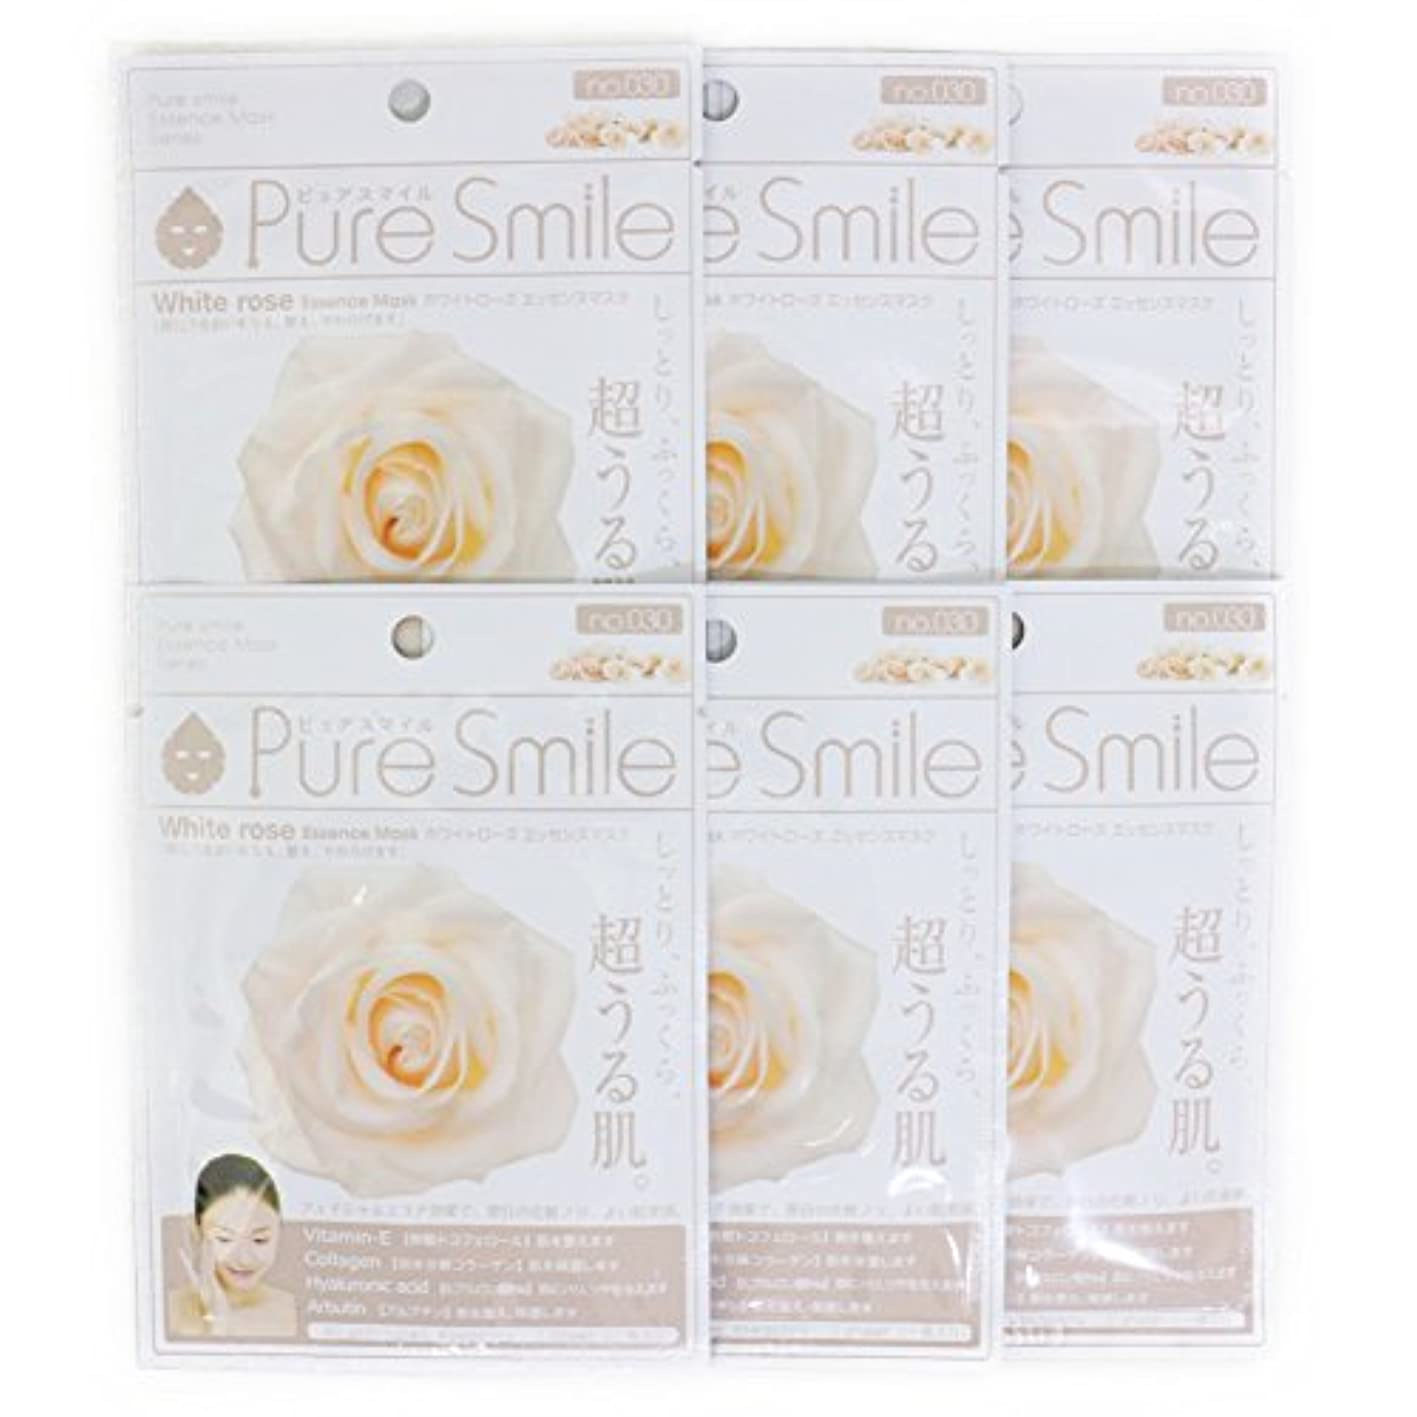 体系的に更新名目上のPure Smile ピュアスマイル エッセンスマスク ホワイトローズ 6枚セット